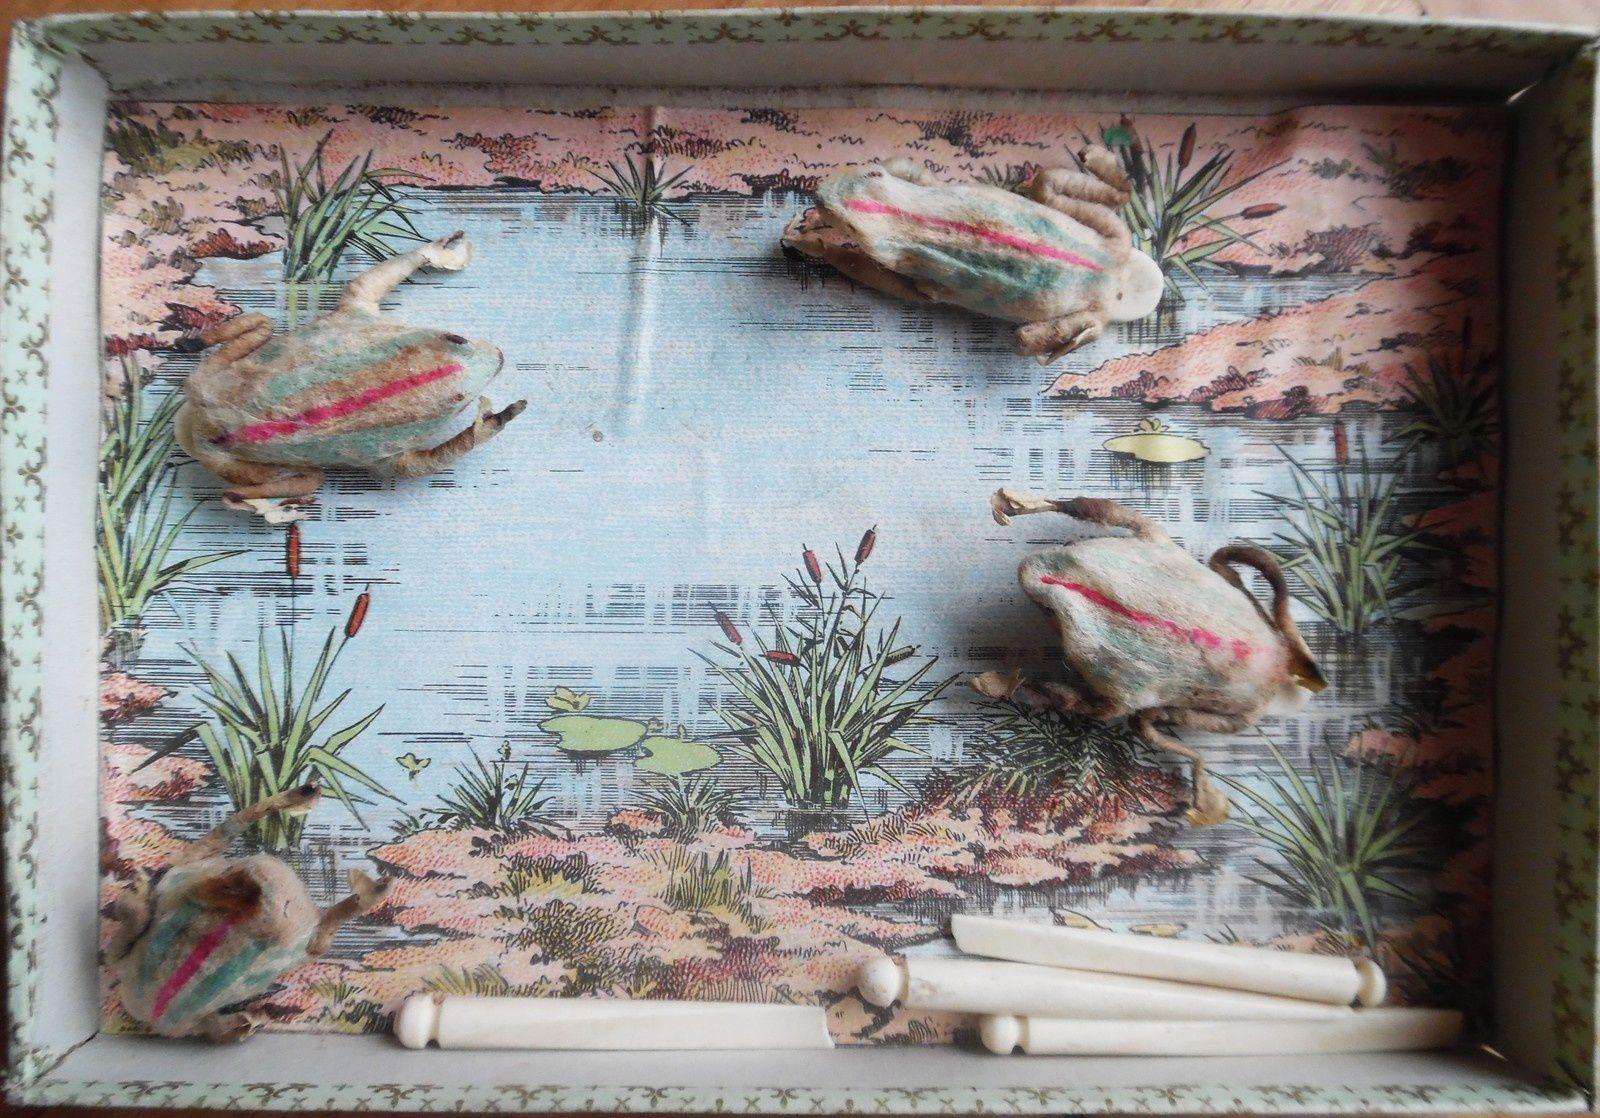 la mare au grenouilles (jeu de puces)